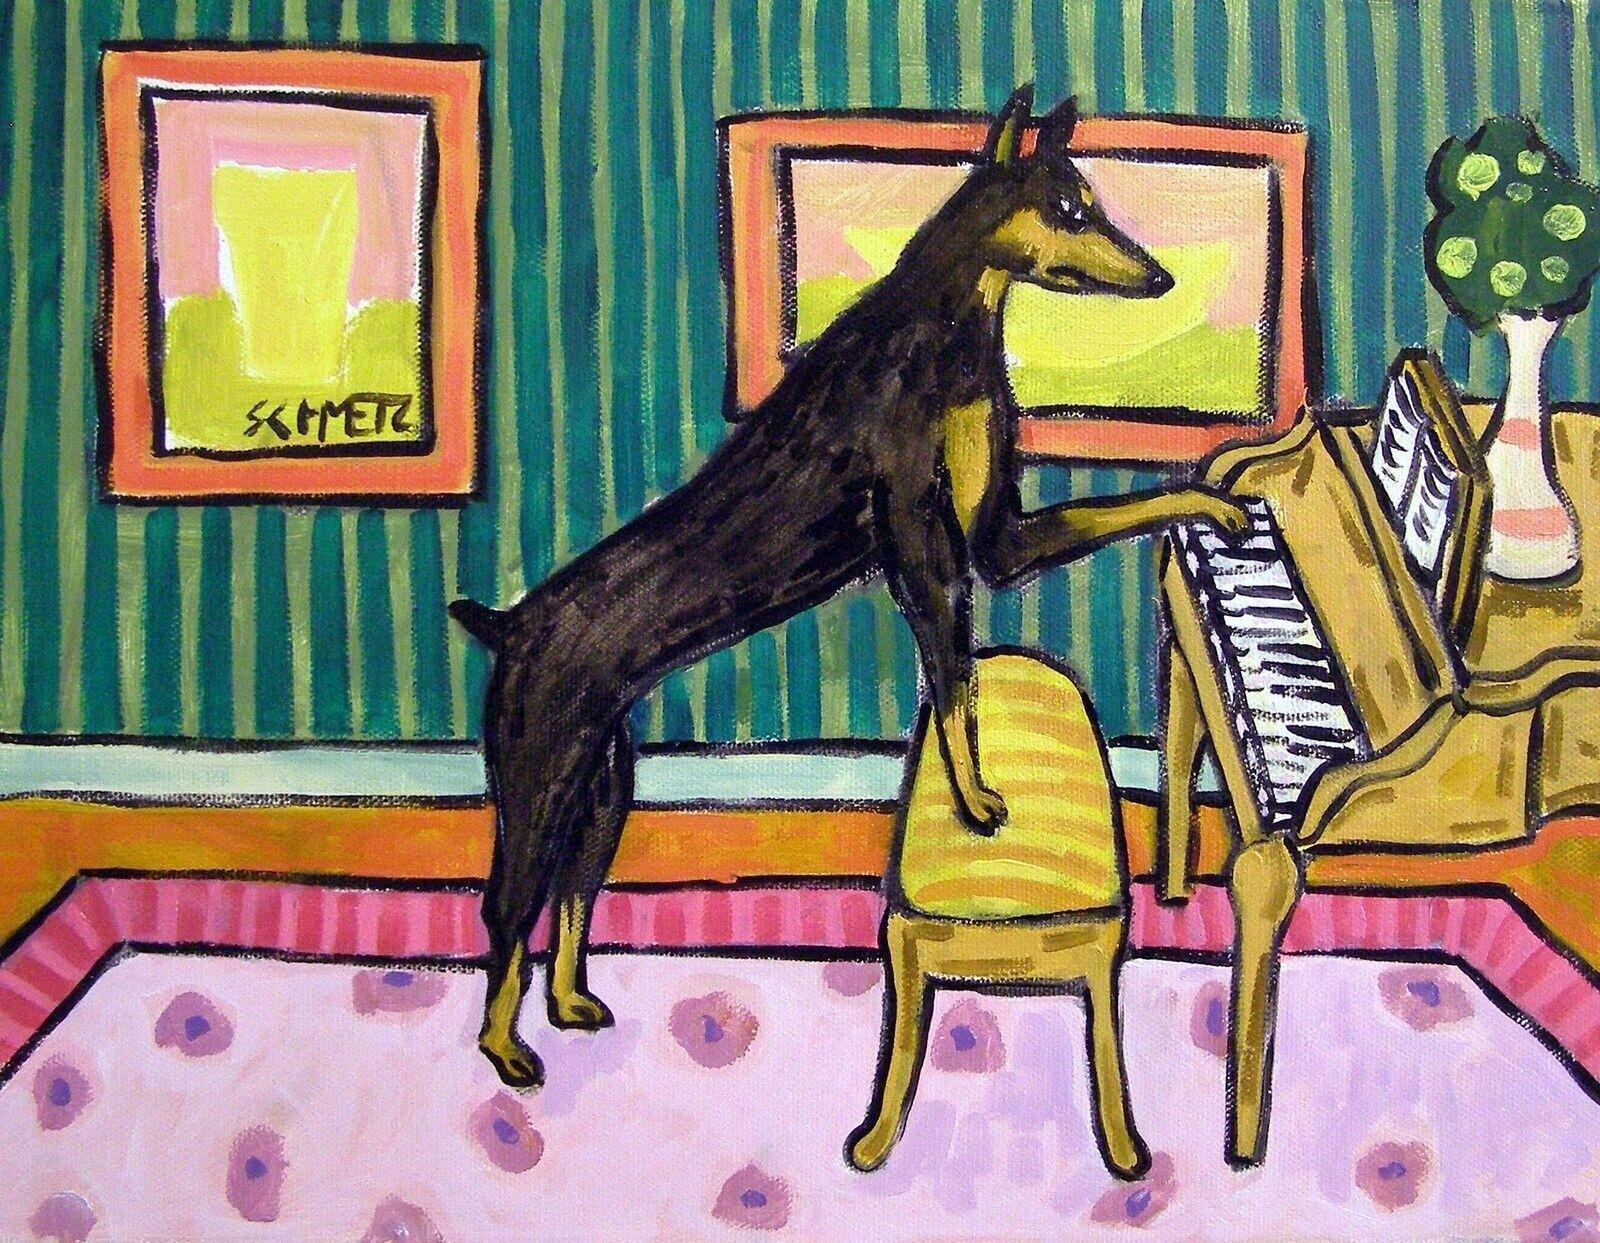 DOBERMAN PINSCHER COOKING OUT dog artist  8.5x11 glossy photo print